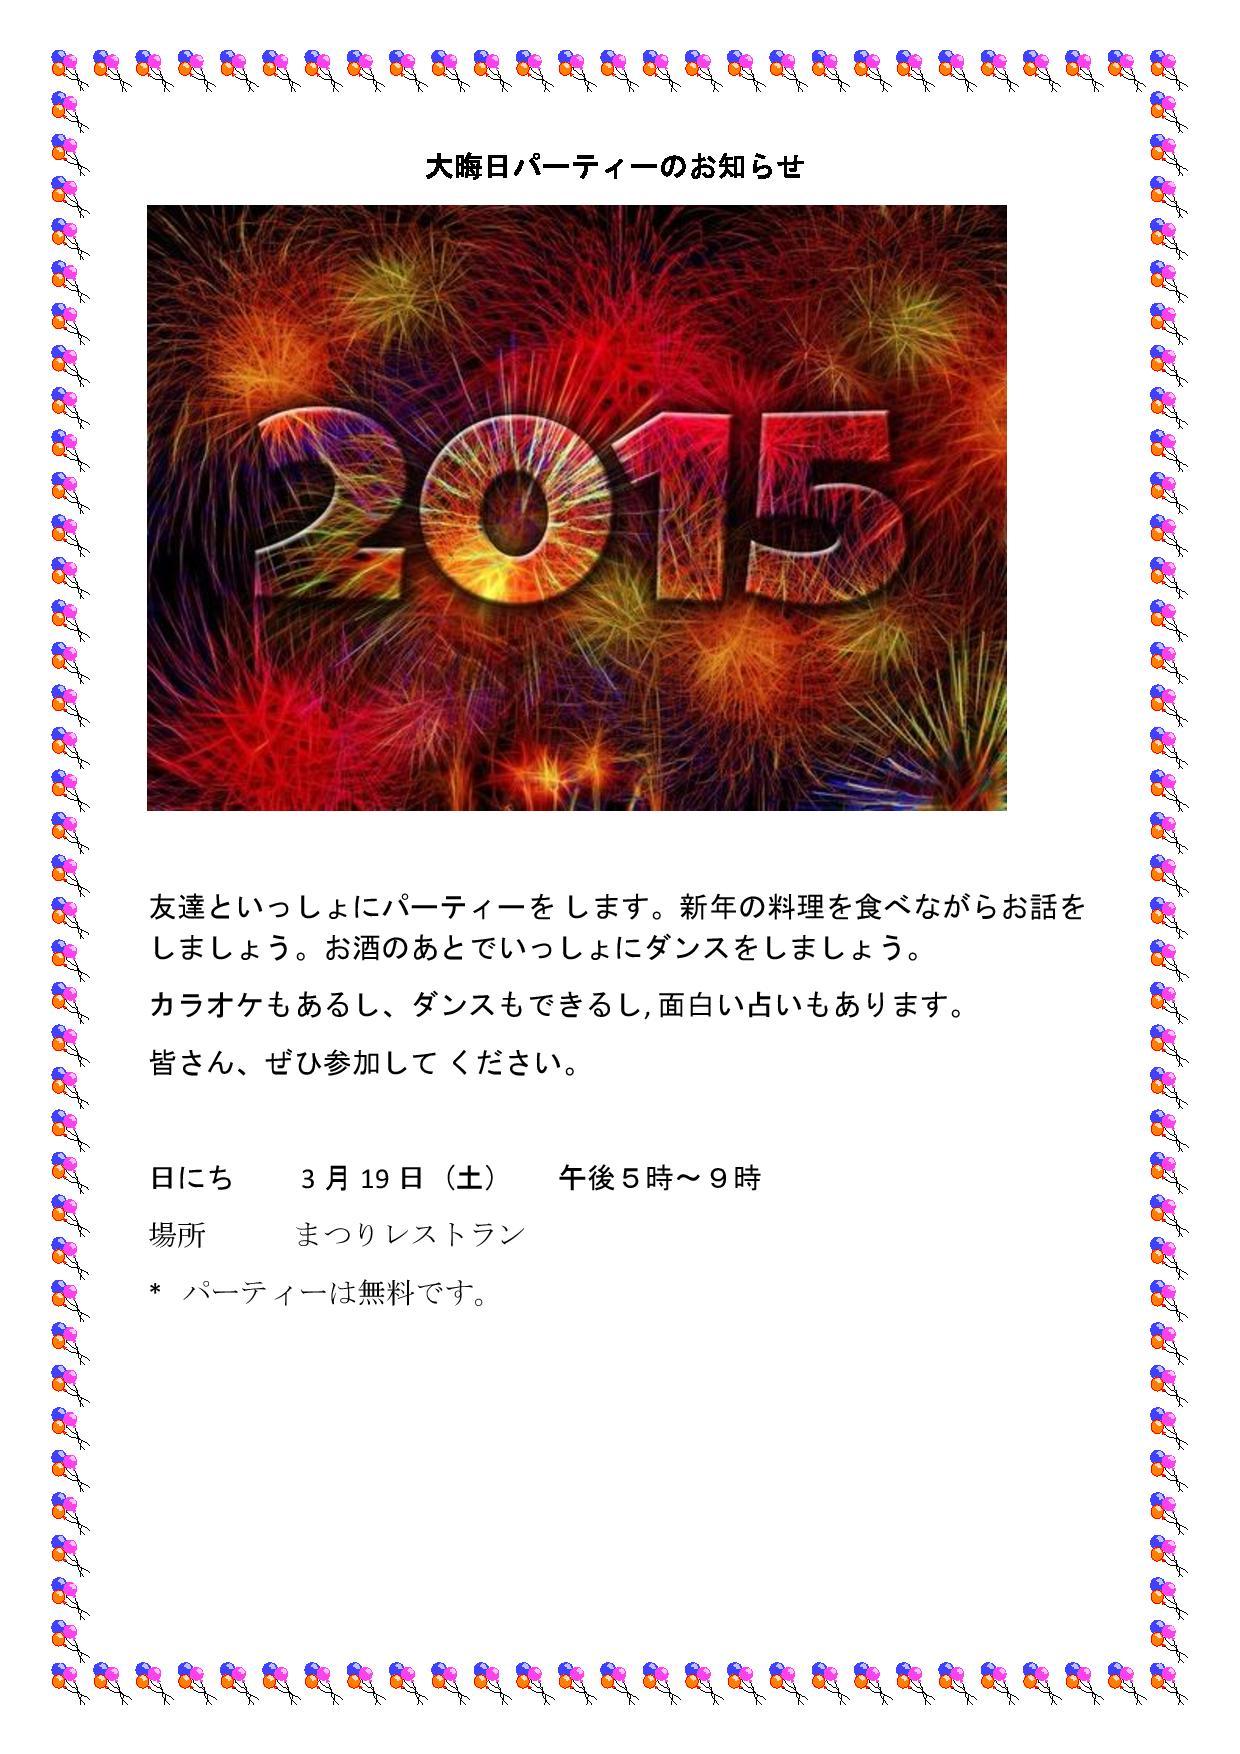 大晦日パーティーのお知らせ-page-001